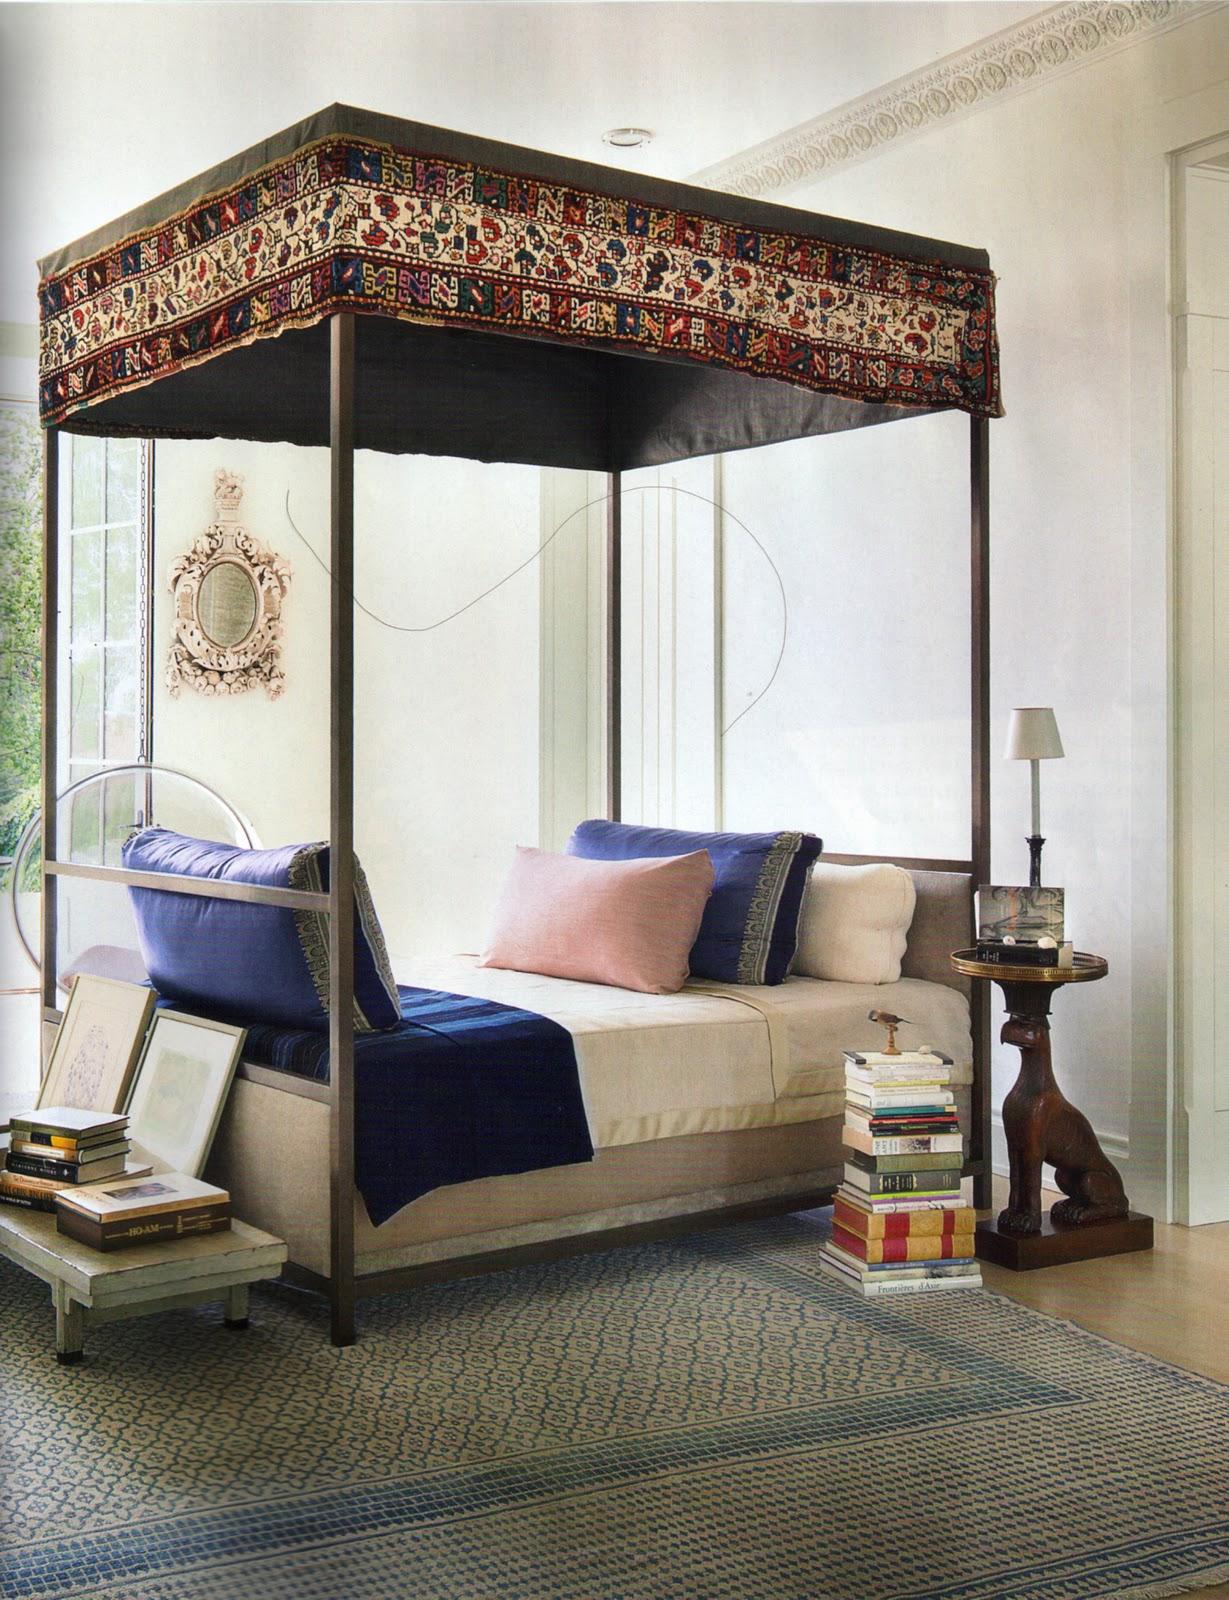 splendid sass stephen sills interior design in connecticut